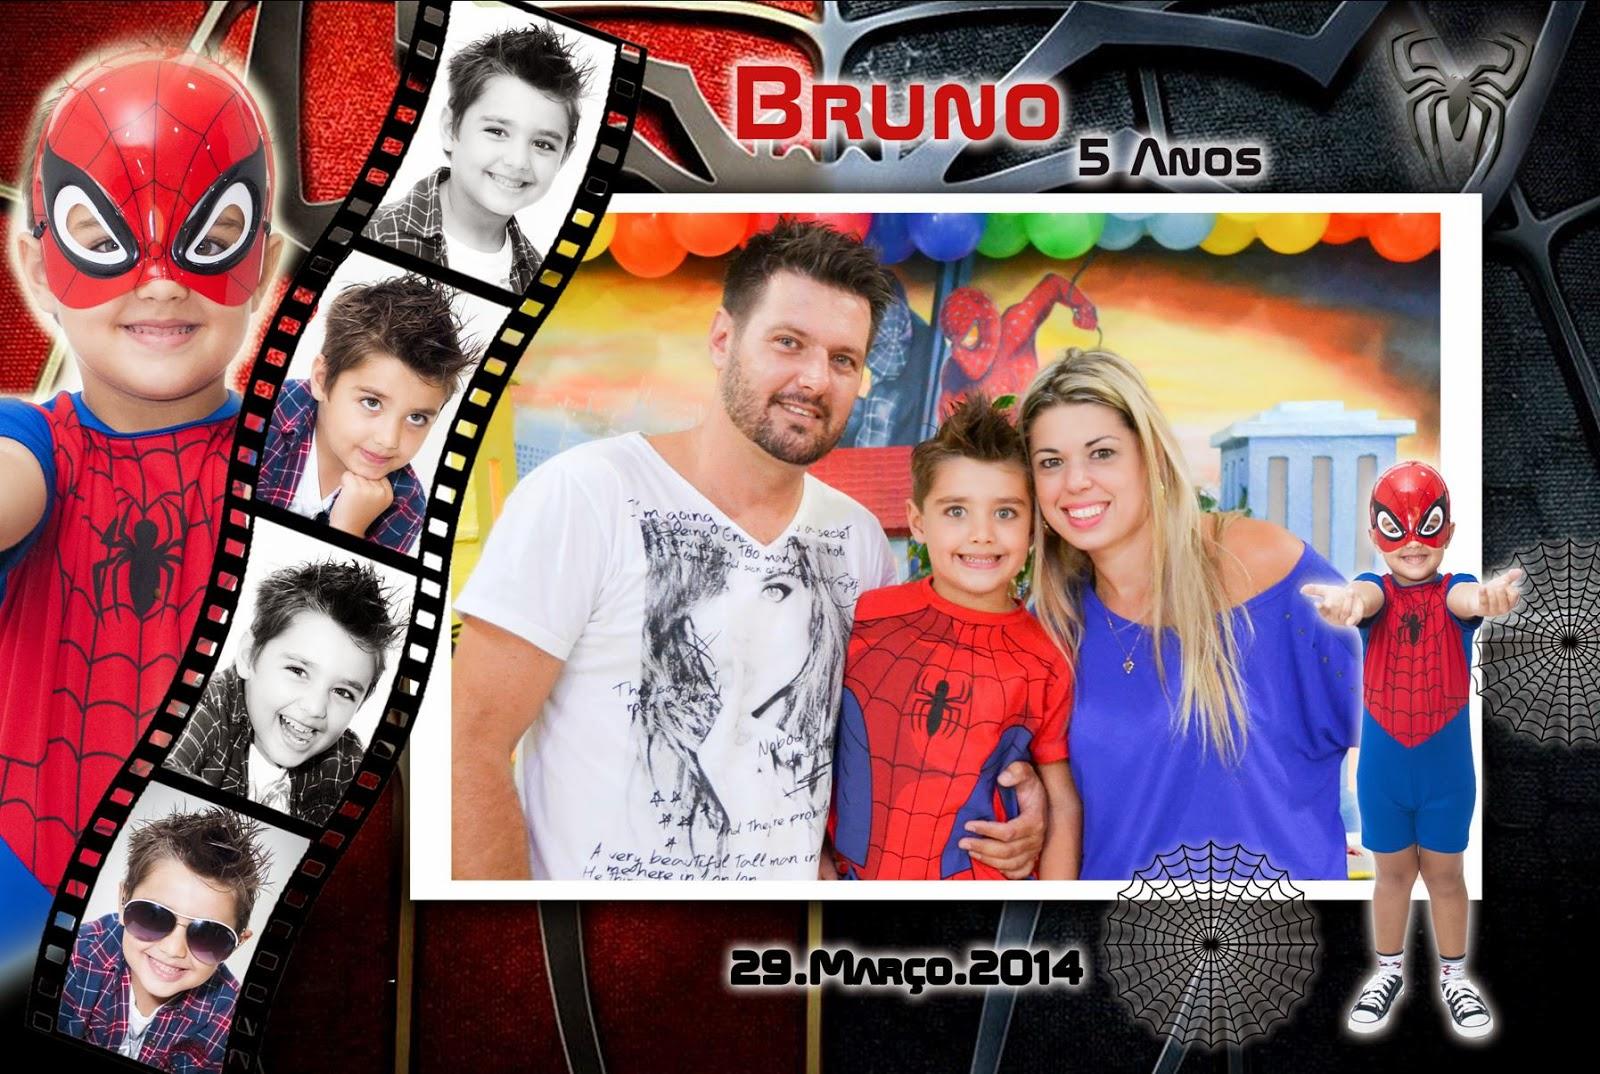 http://fotos-lembranca.blogspot.com.br/2014/03/20140329-bruno-5-anos-homem-aranha.html